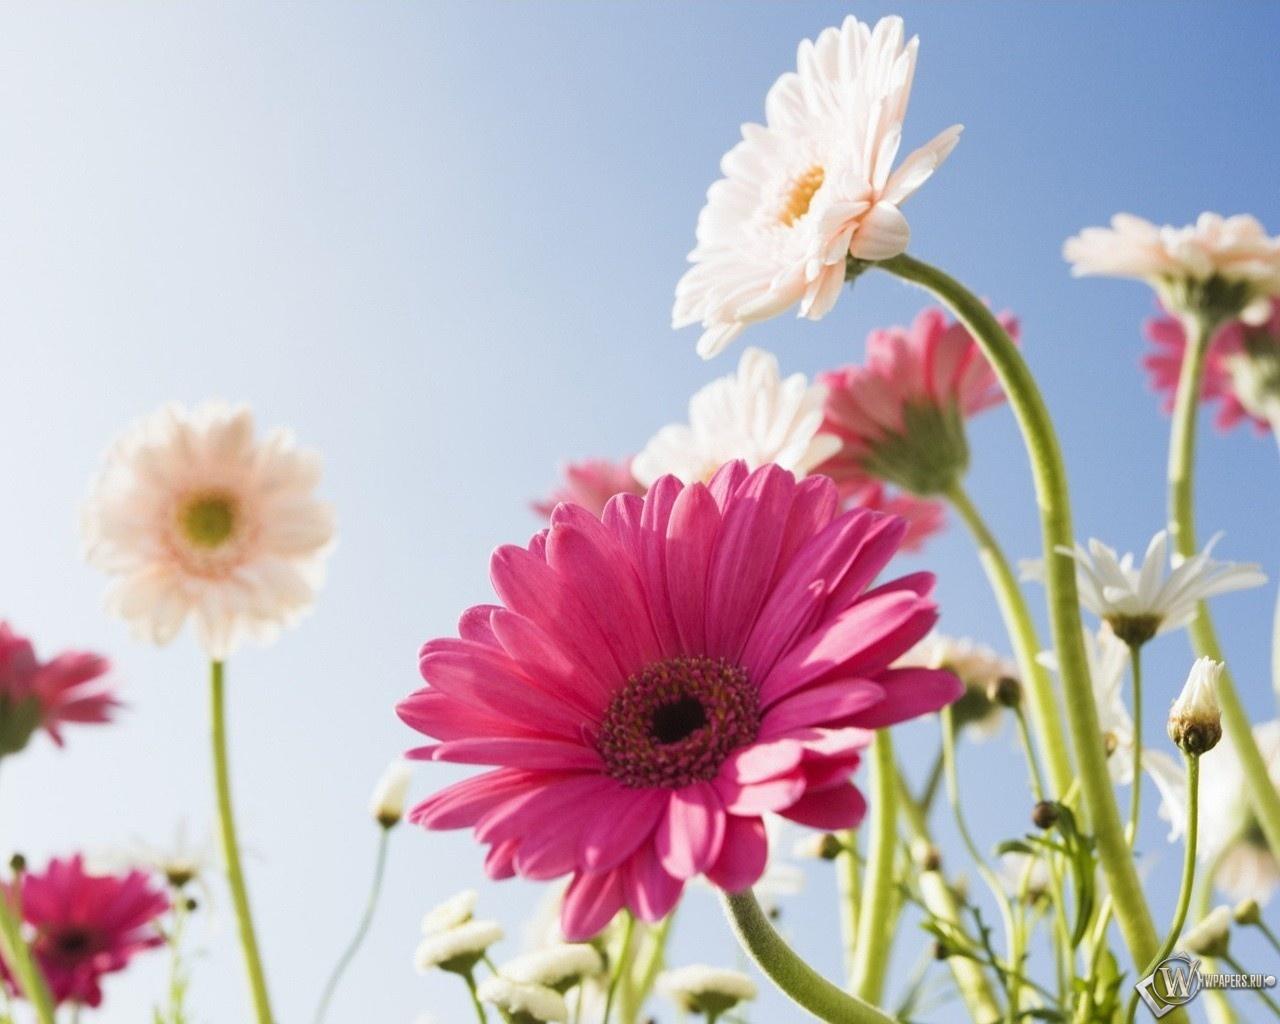 Луговые цветы 1280x1024